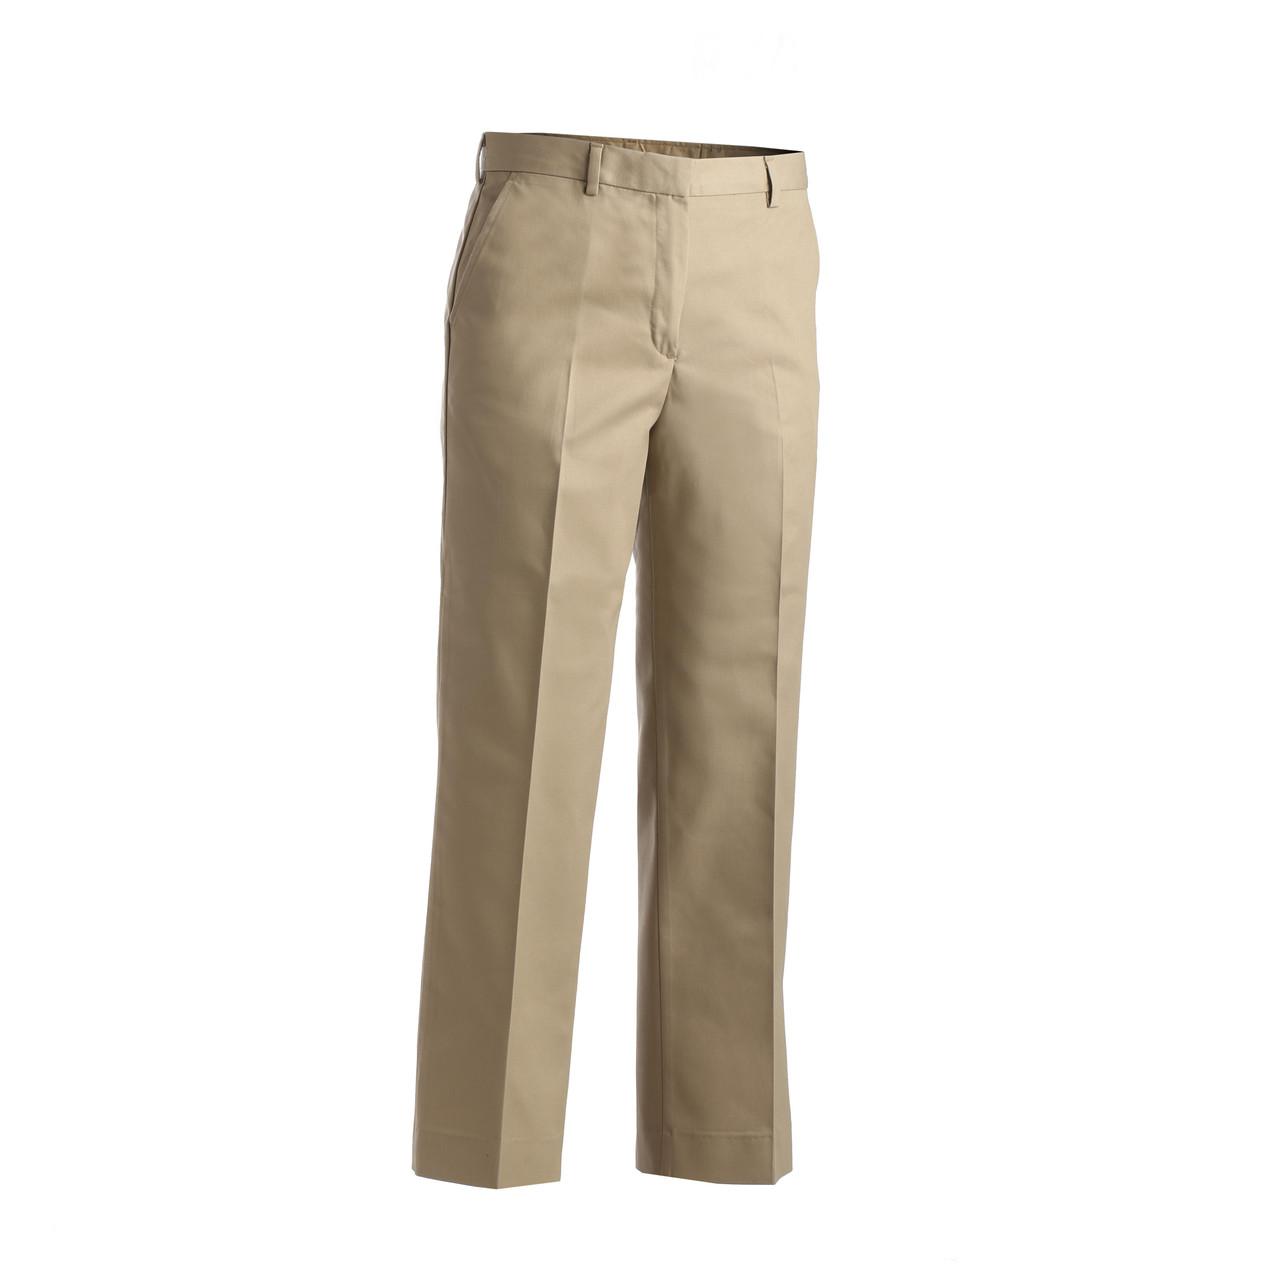 Women's Flat Front Chino Pants